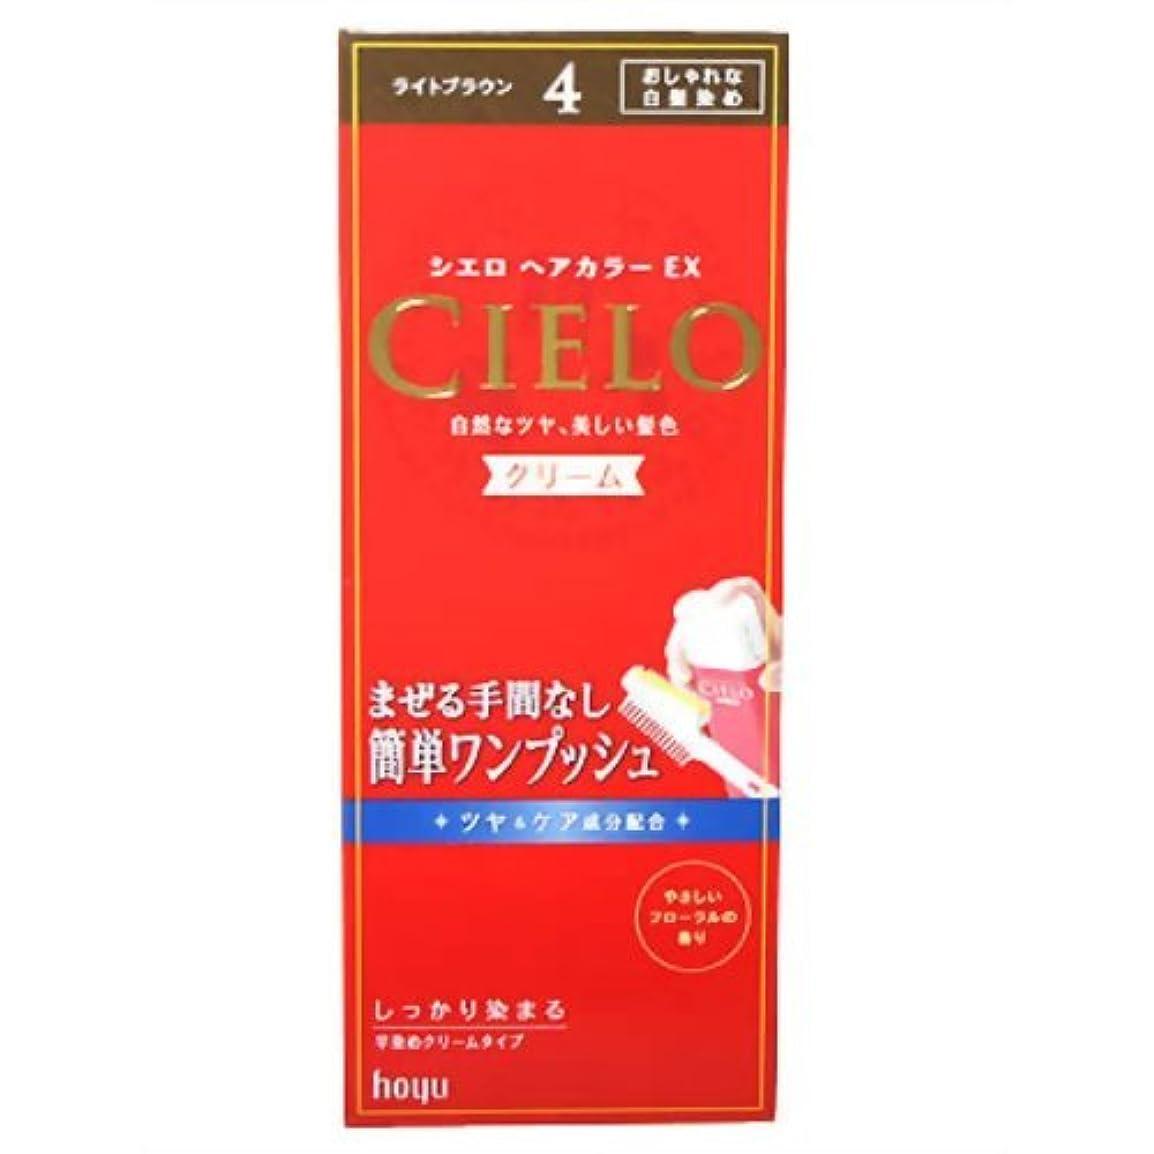 シエロ ヘアカラーEX クリーム4 (ライトブラウン)